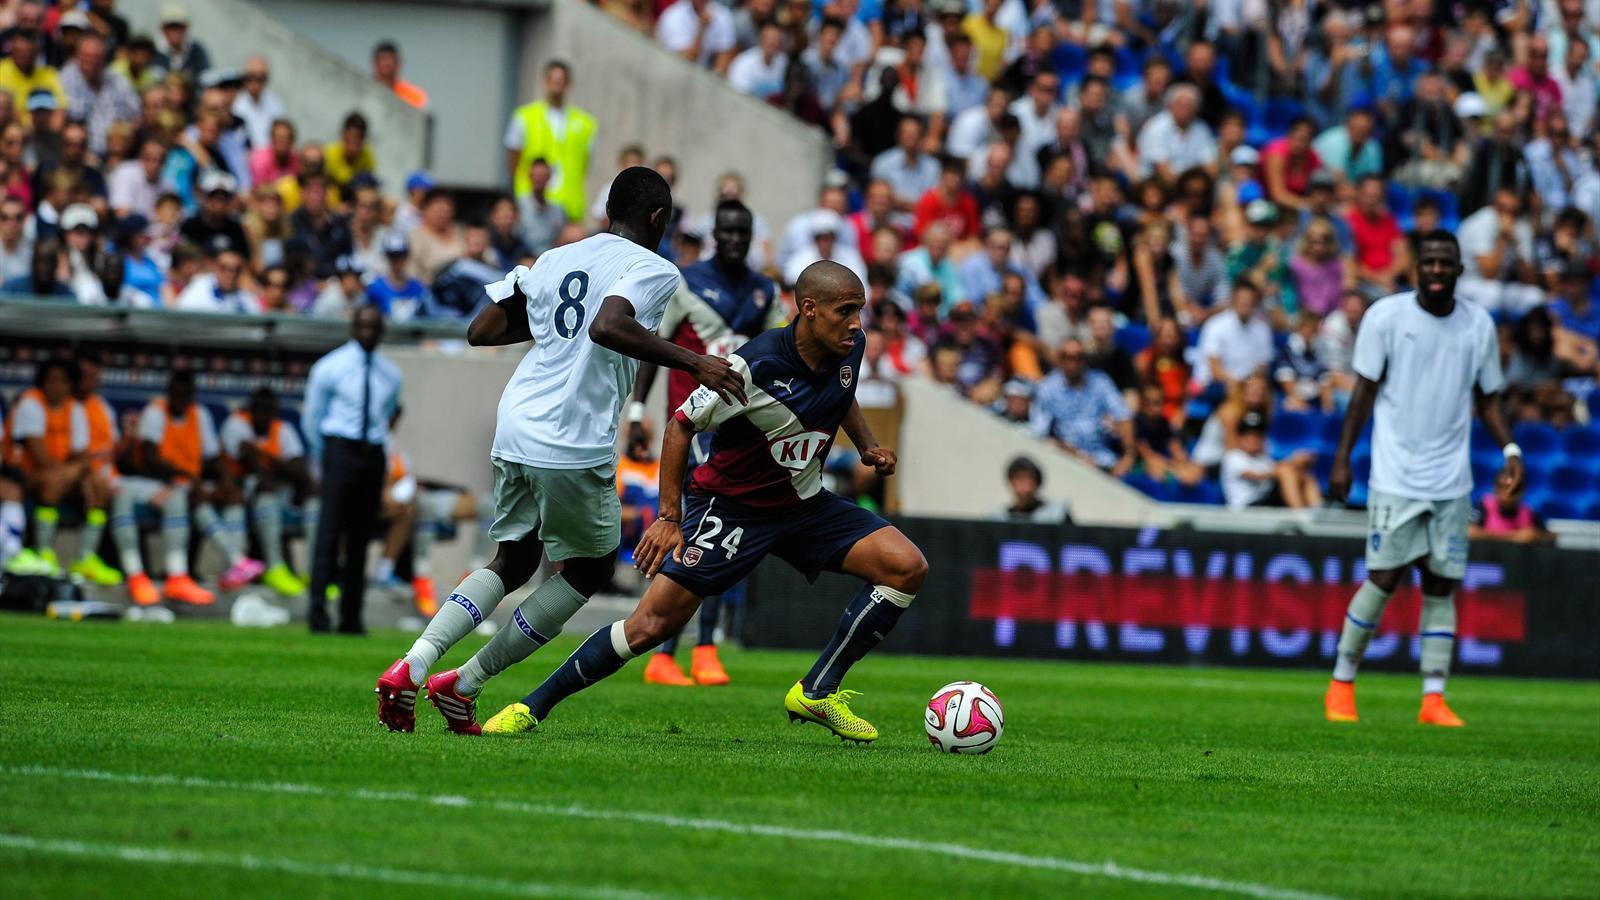 Bordeaux - Bastia (1-1) : La main heureuse, les Girondins s